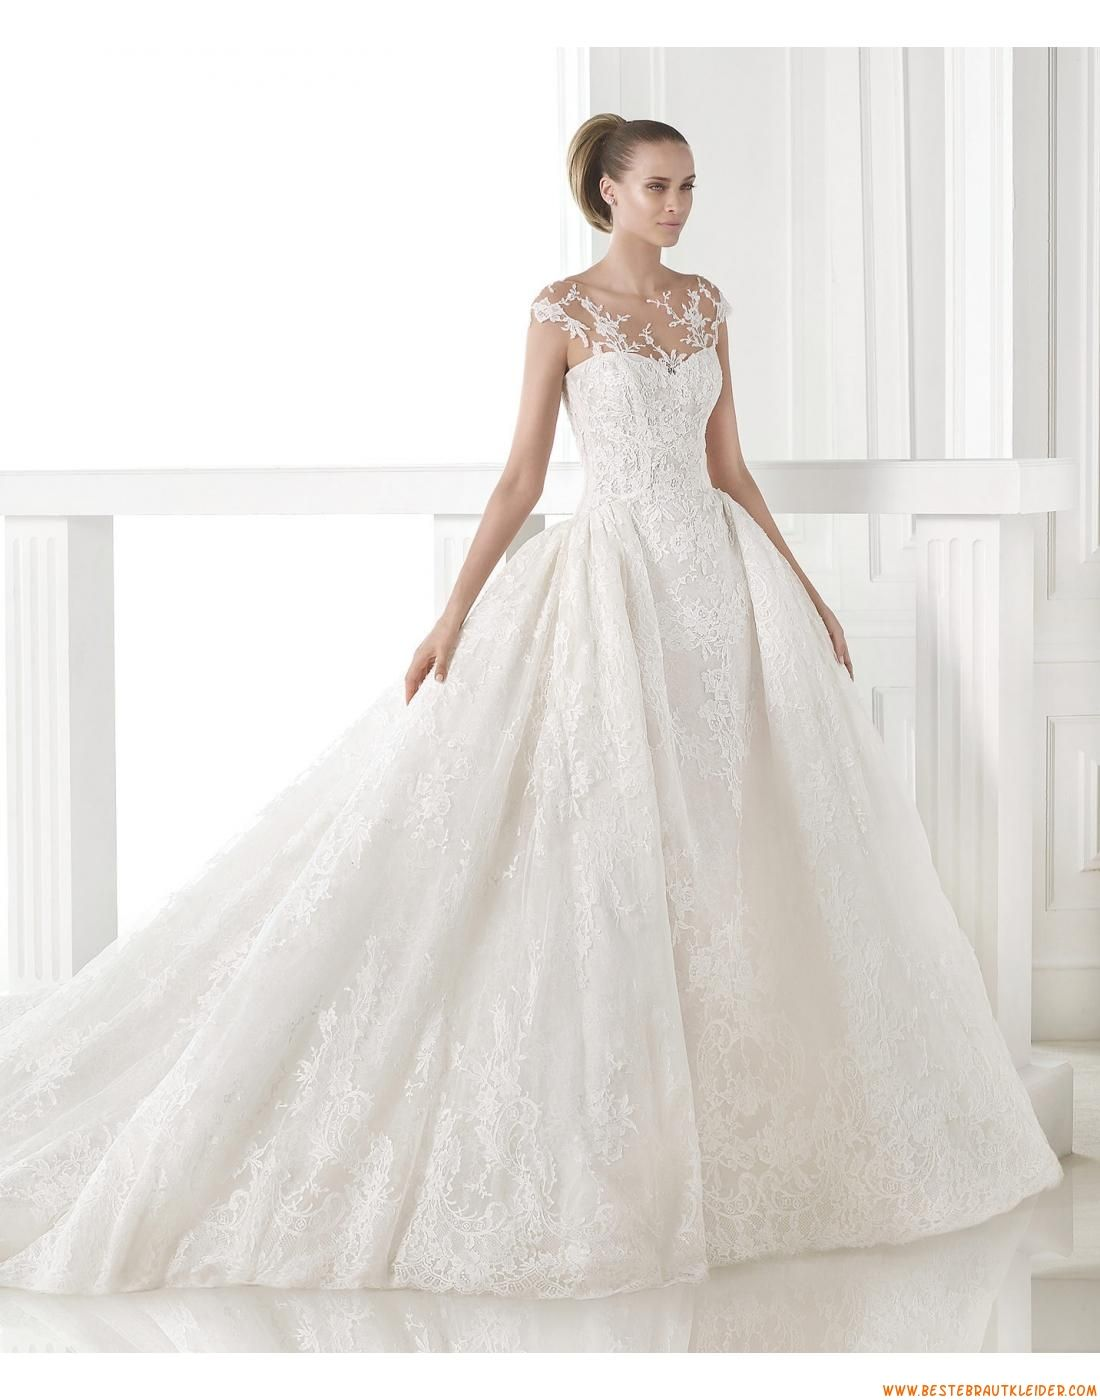 14 Luxuriöse Außergewöhnliche Brautkleider aus Spitze mit